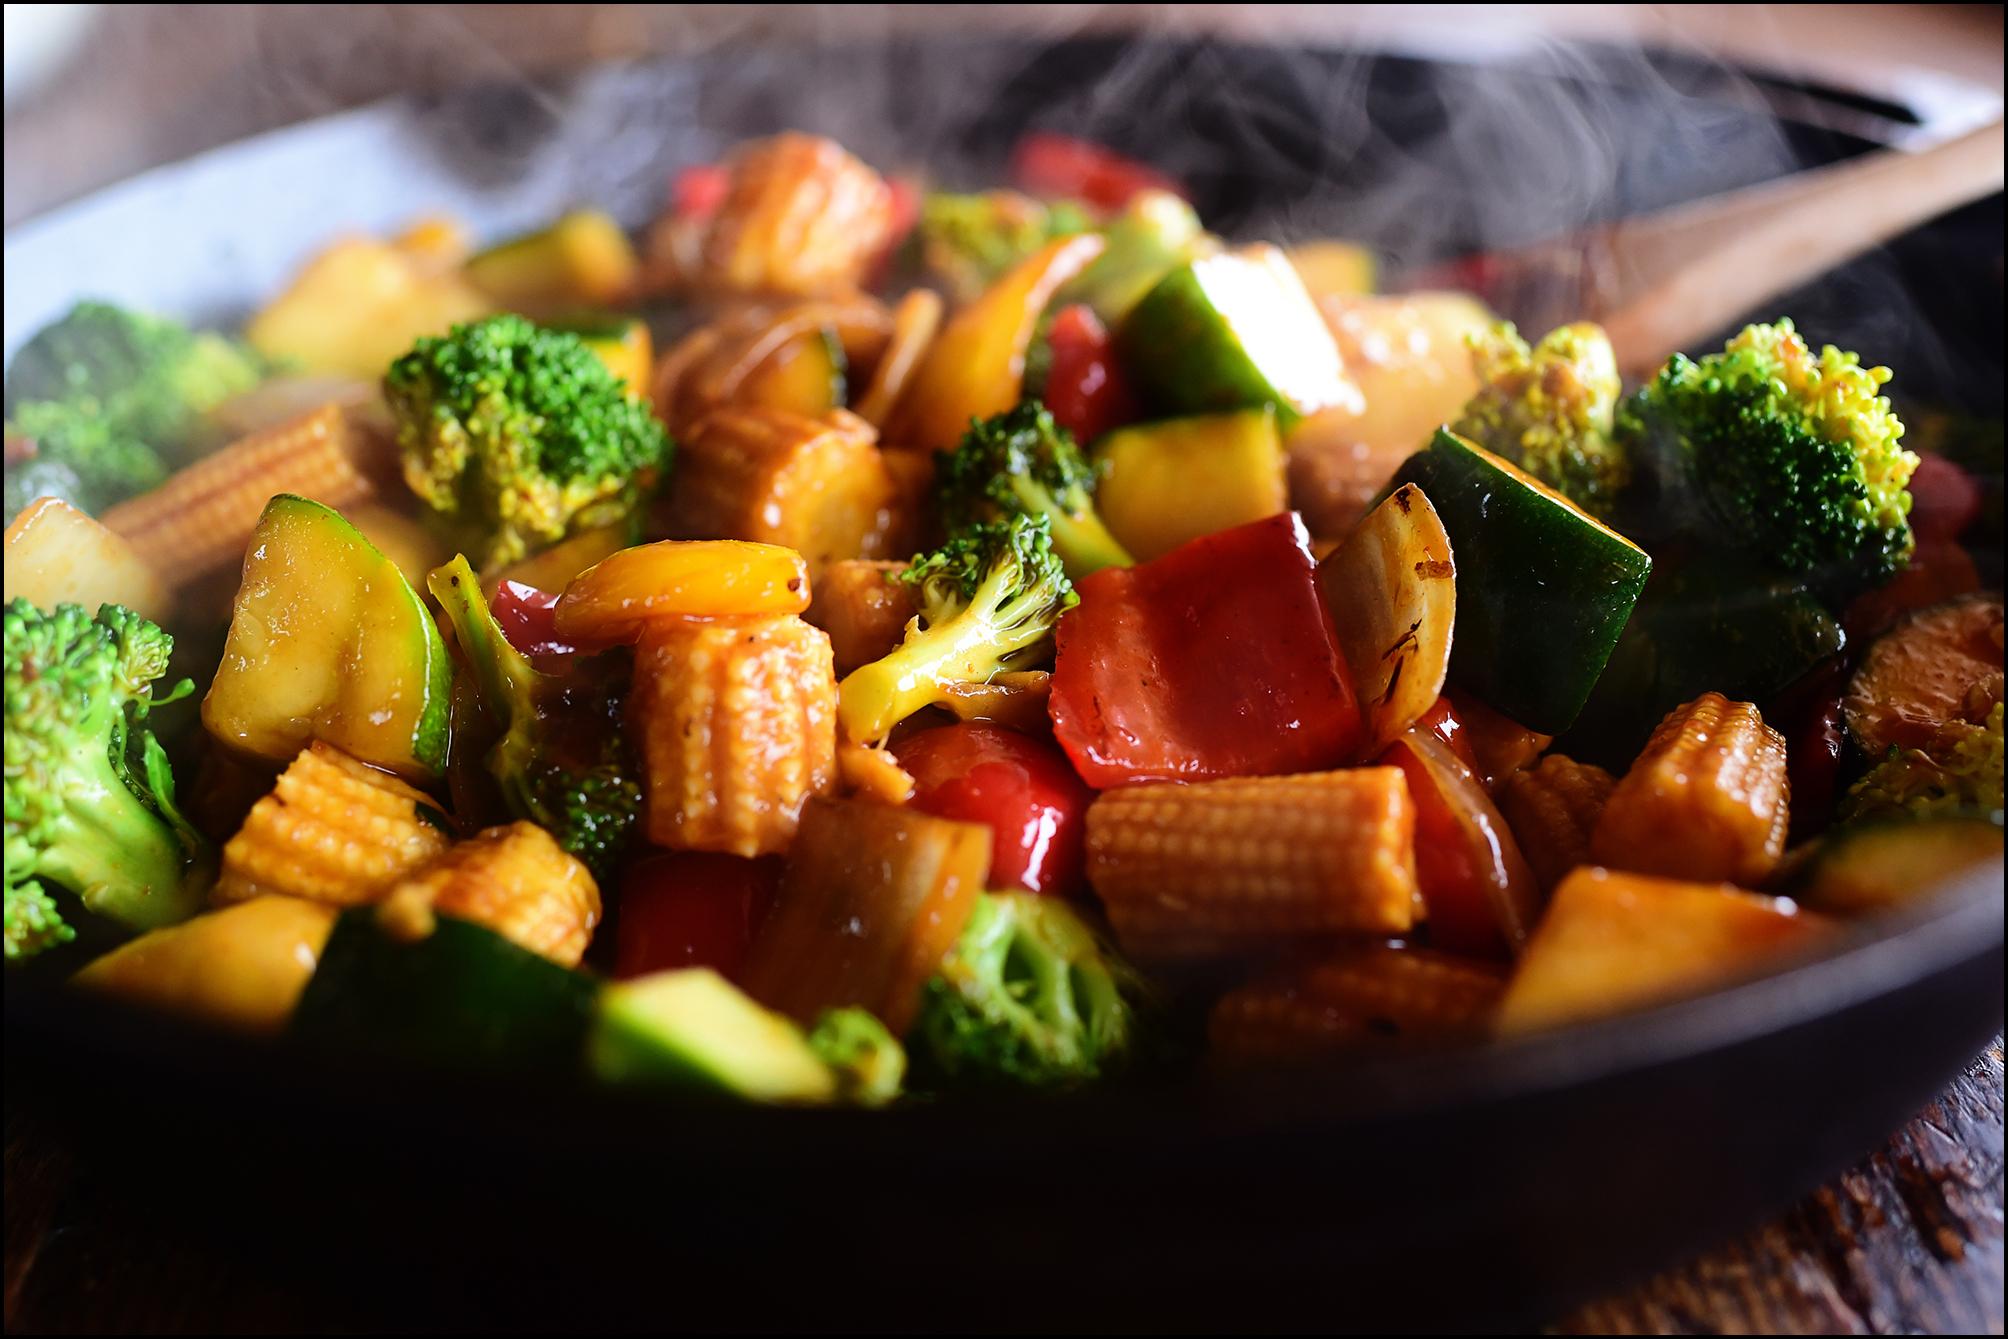 Best Vegetables For Stir Fry